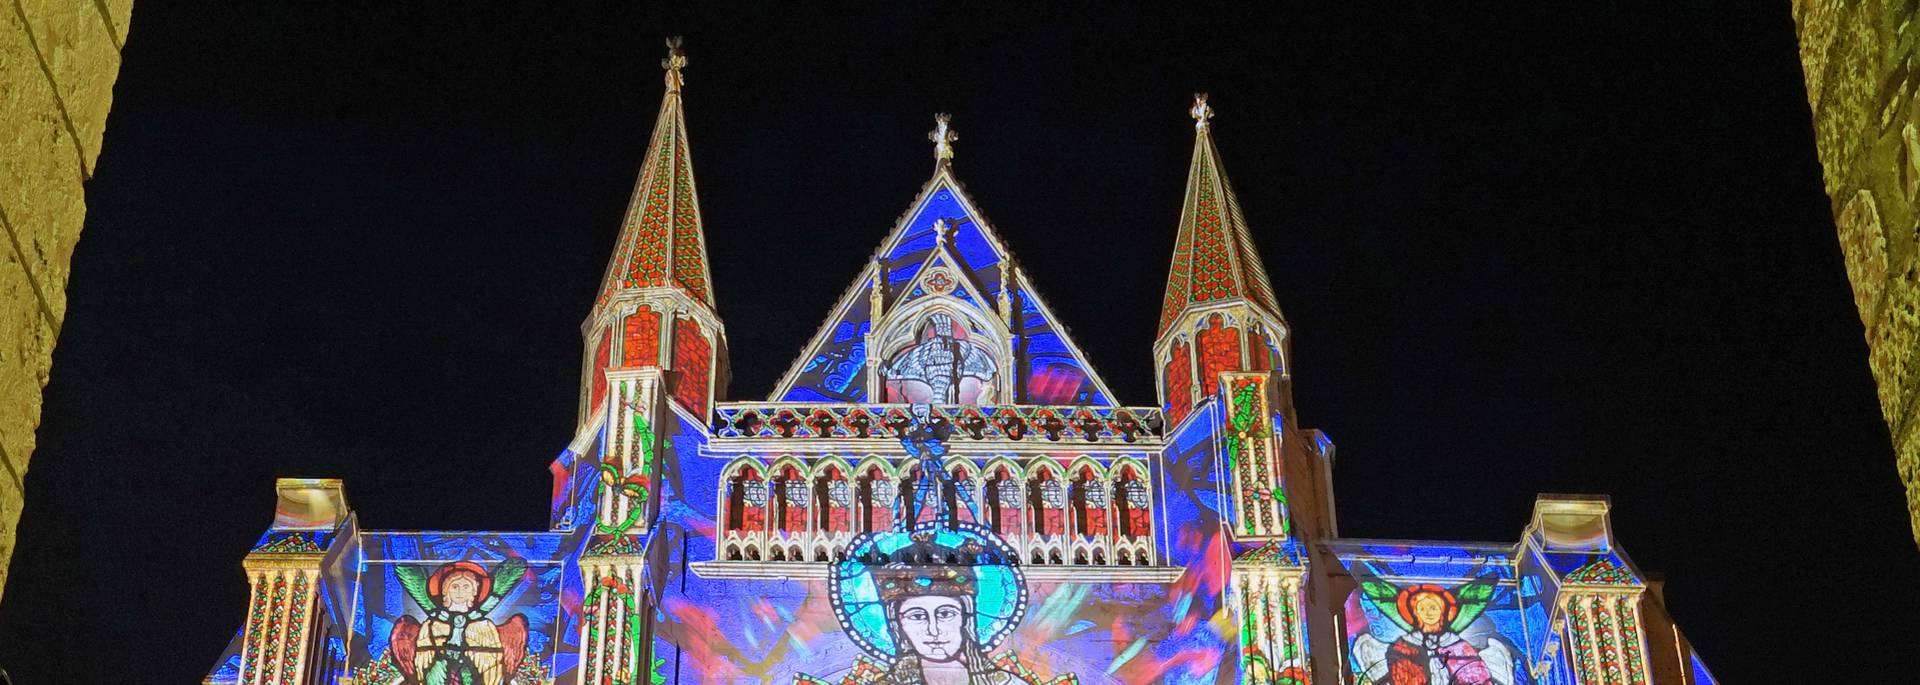 Rosace sud de la cathédrale de Chartres illuminée par Chartres en lumières